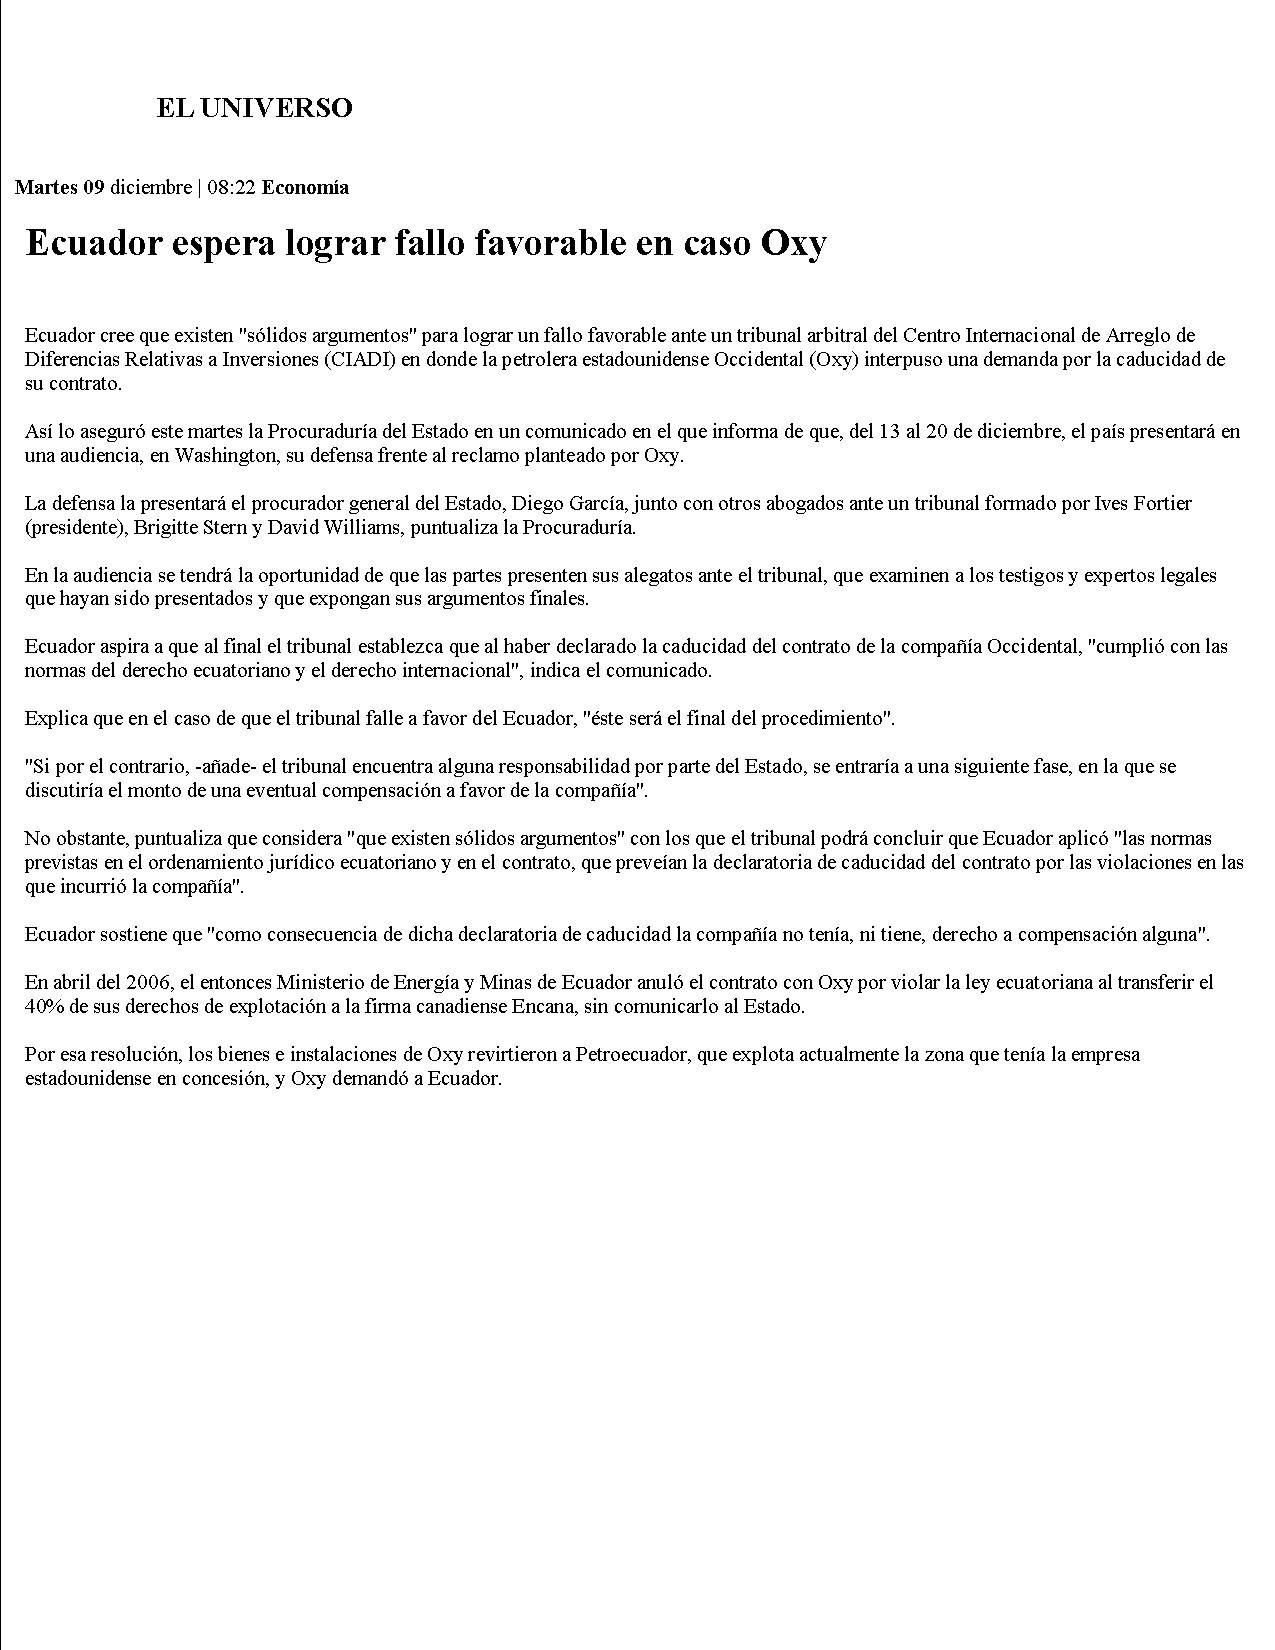 5-EL UNIVERSO 09-12-2008